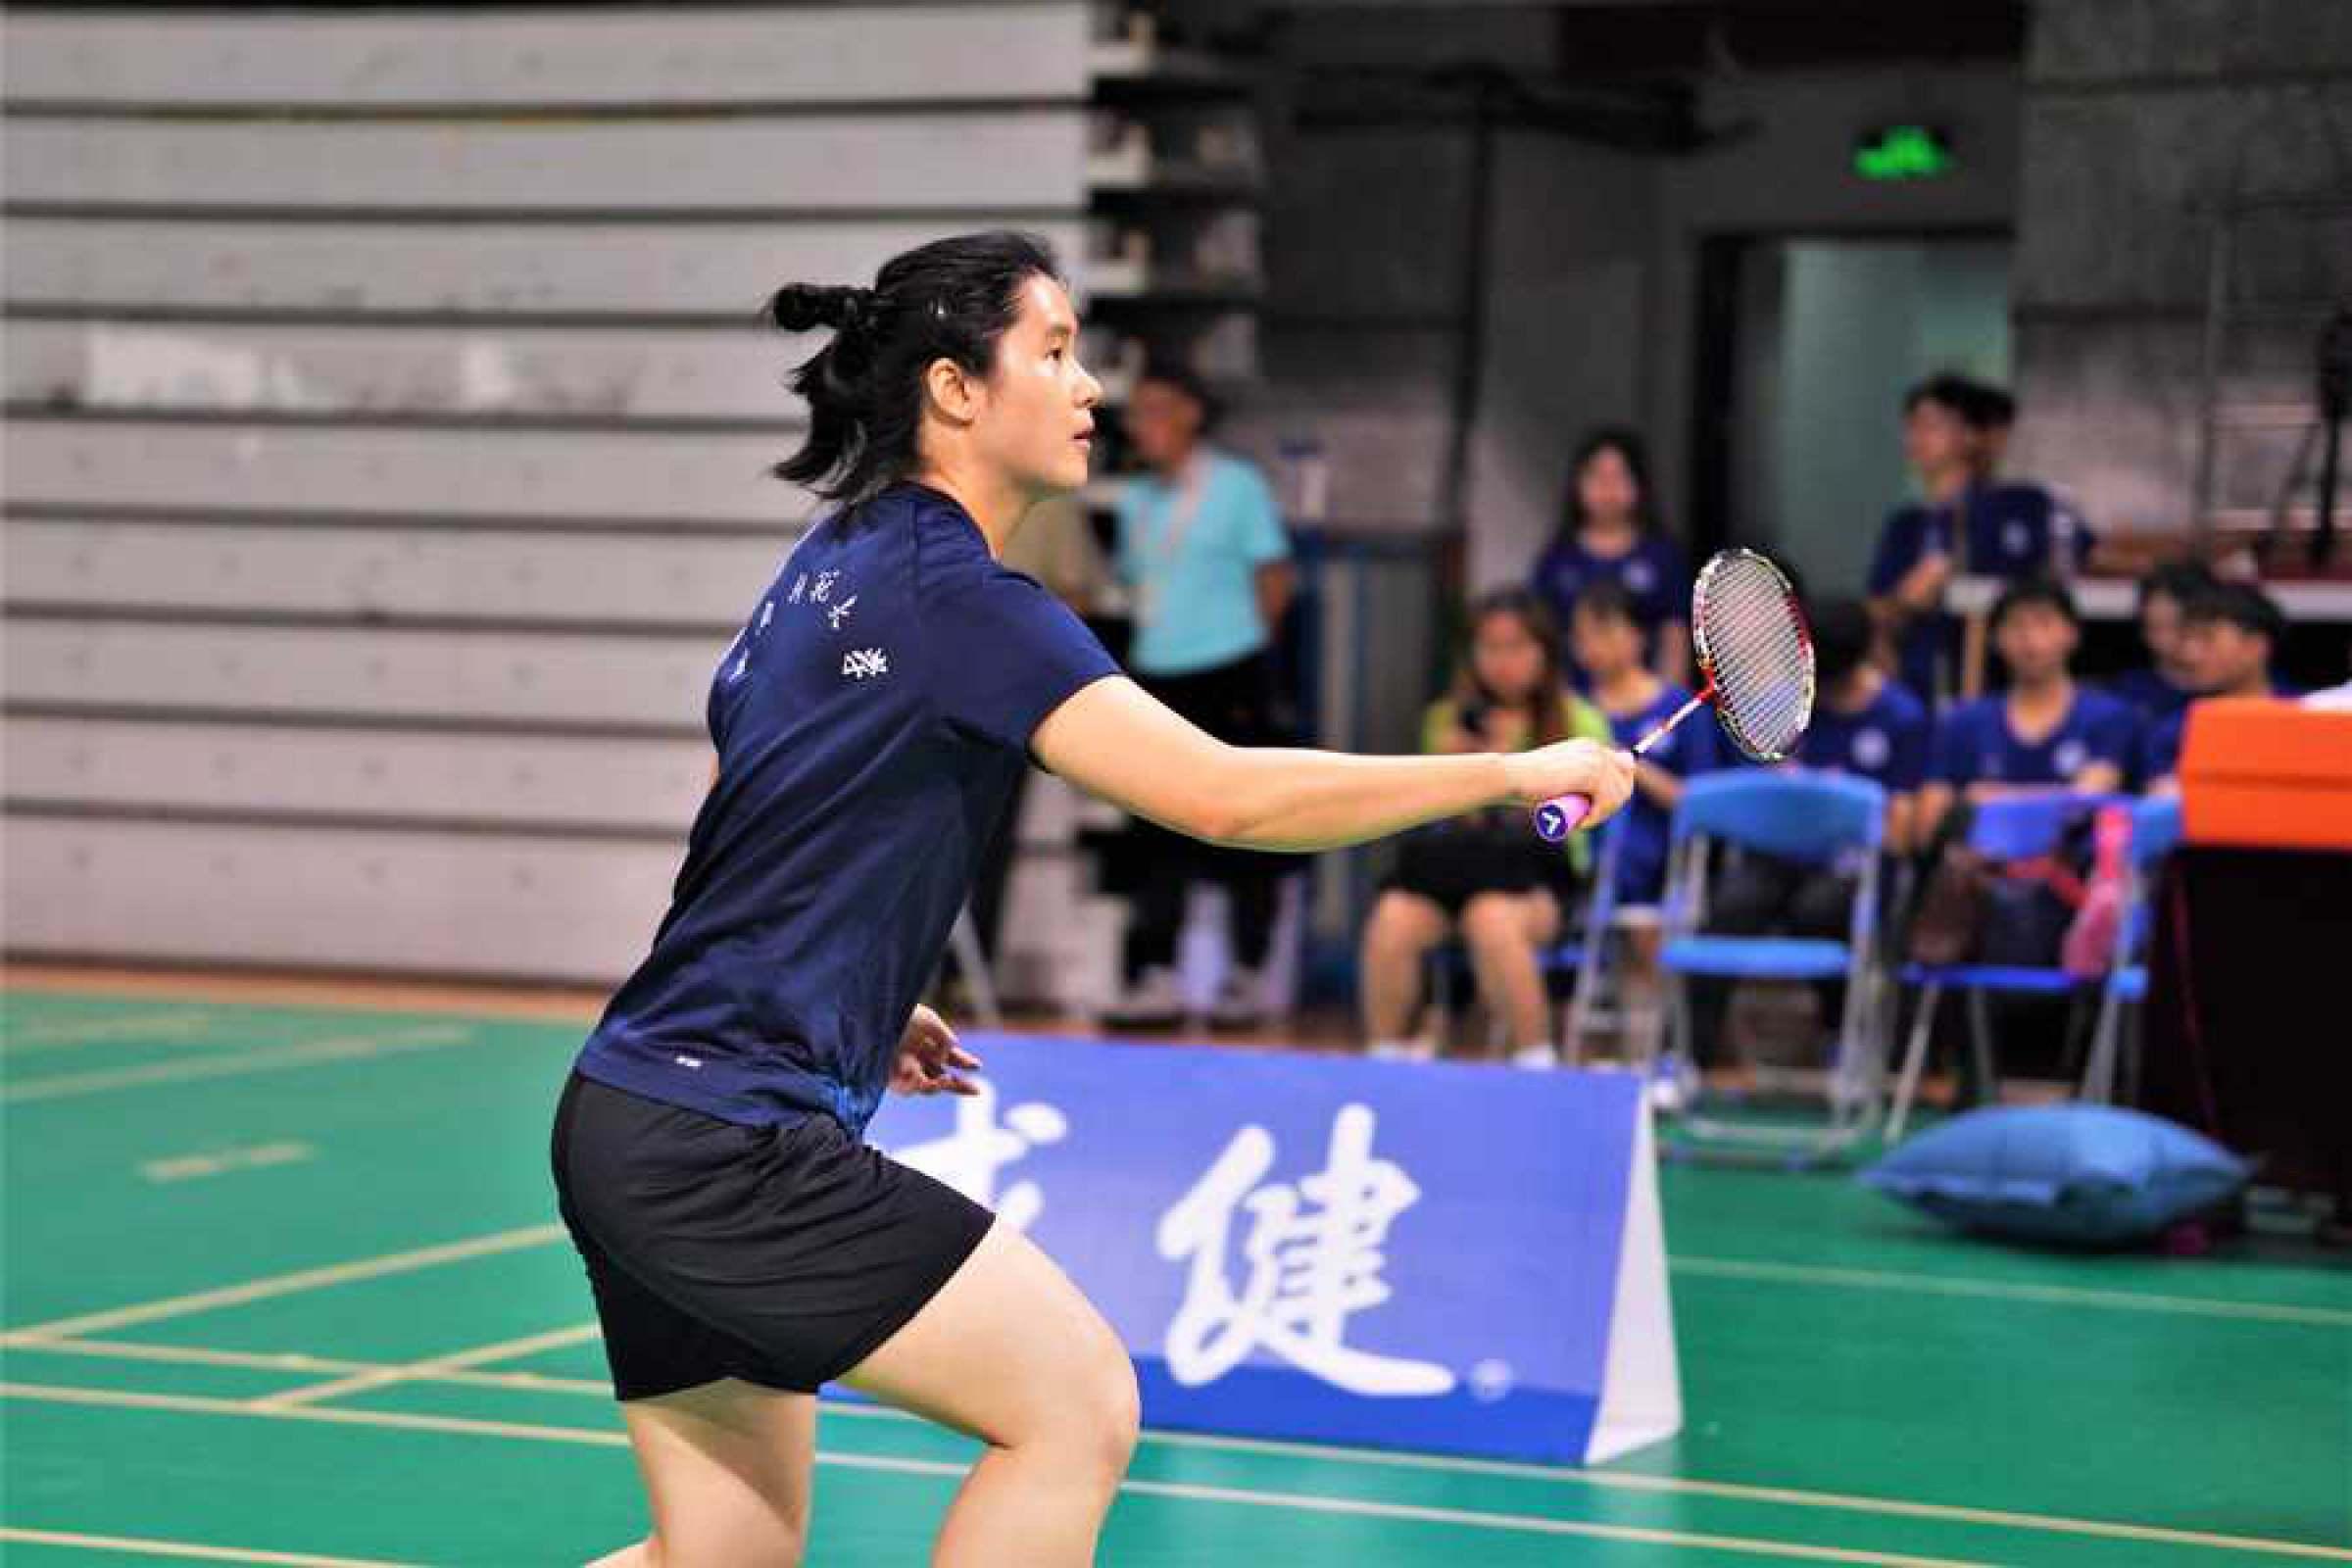 我校羽毛球隊乙A組女子雙打冠軍姚慧同學在比賽中.jpg